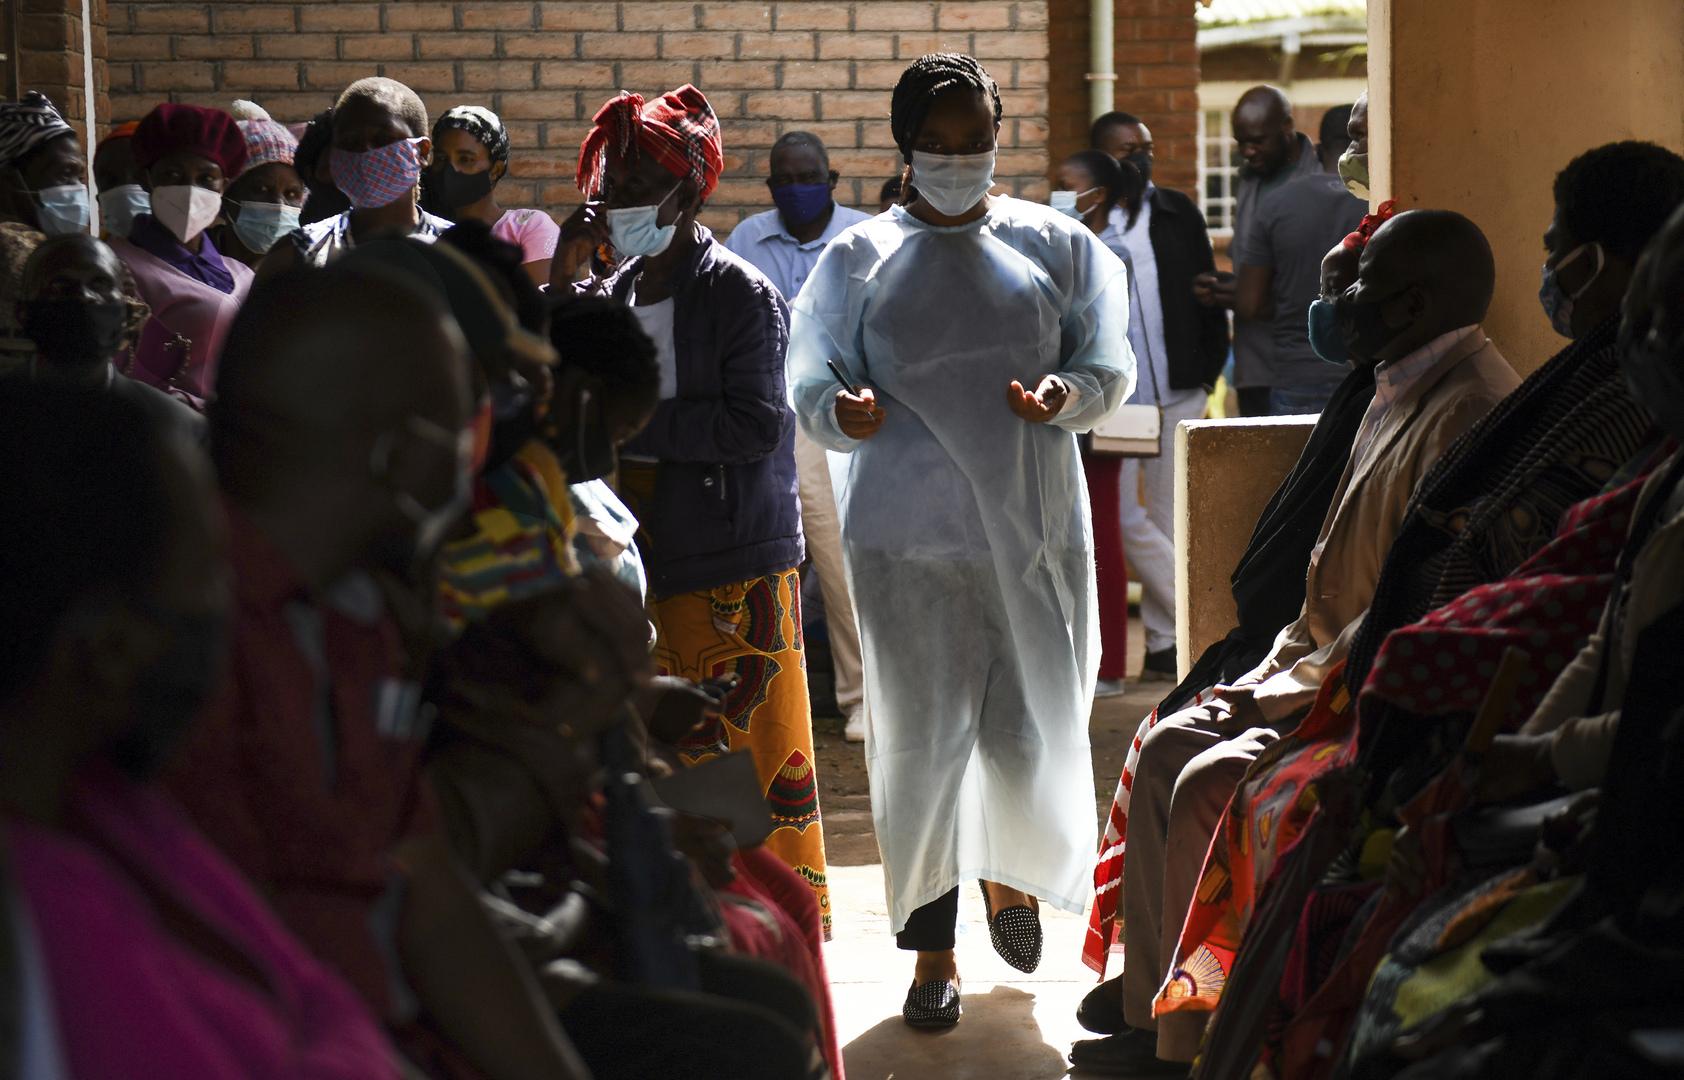 هيئة طبية: مشكلات إمدادات اللقاح من الهند قد تكون كارثية على القارة الإفريقية